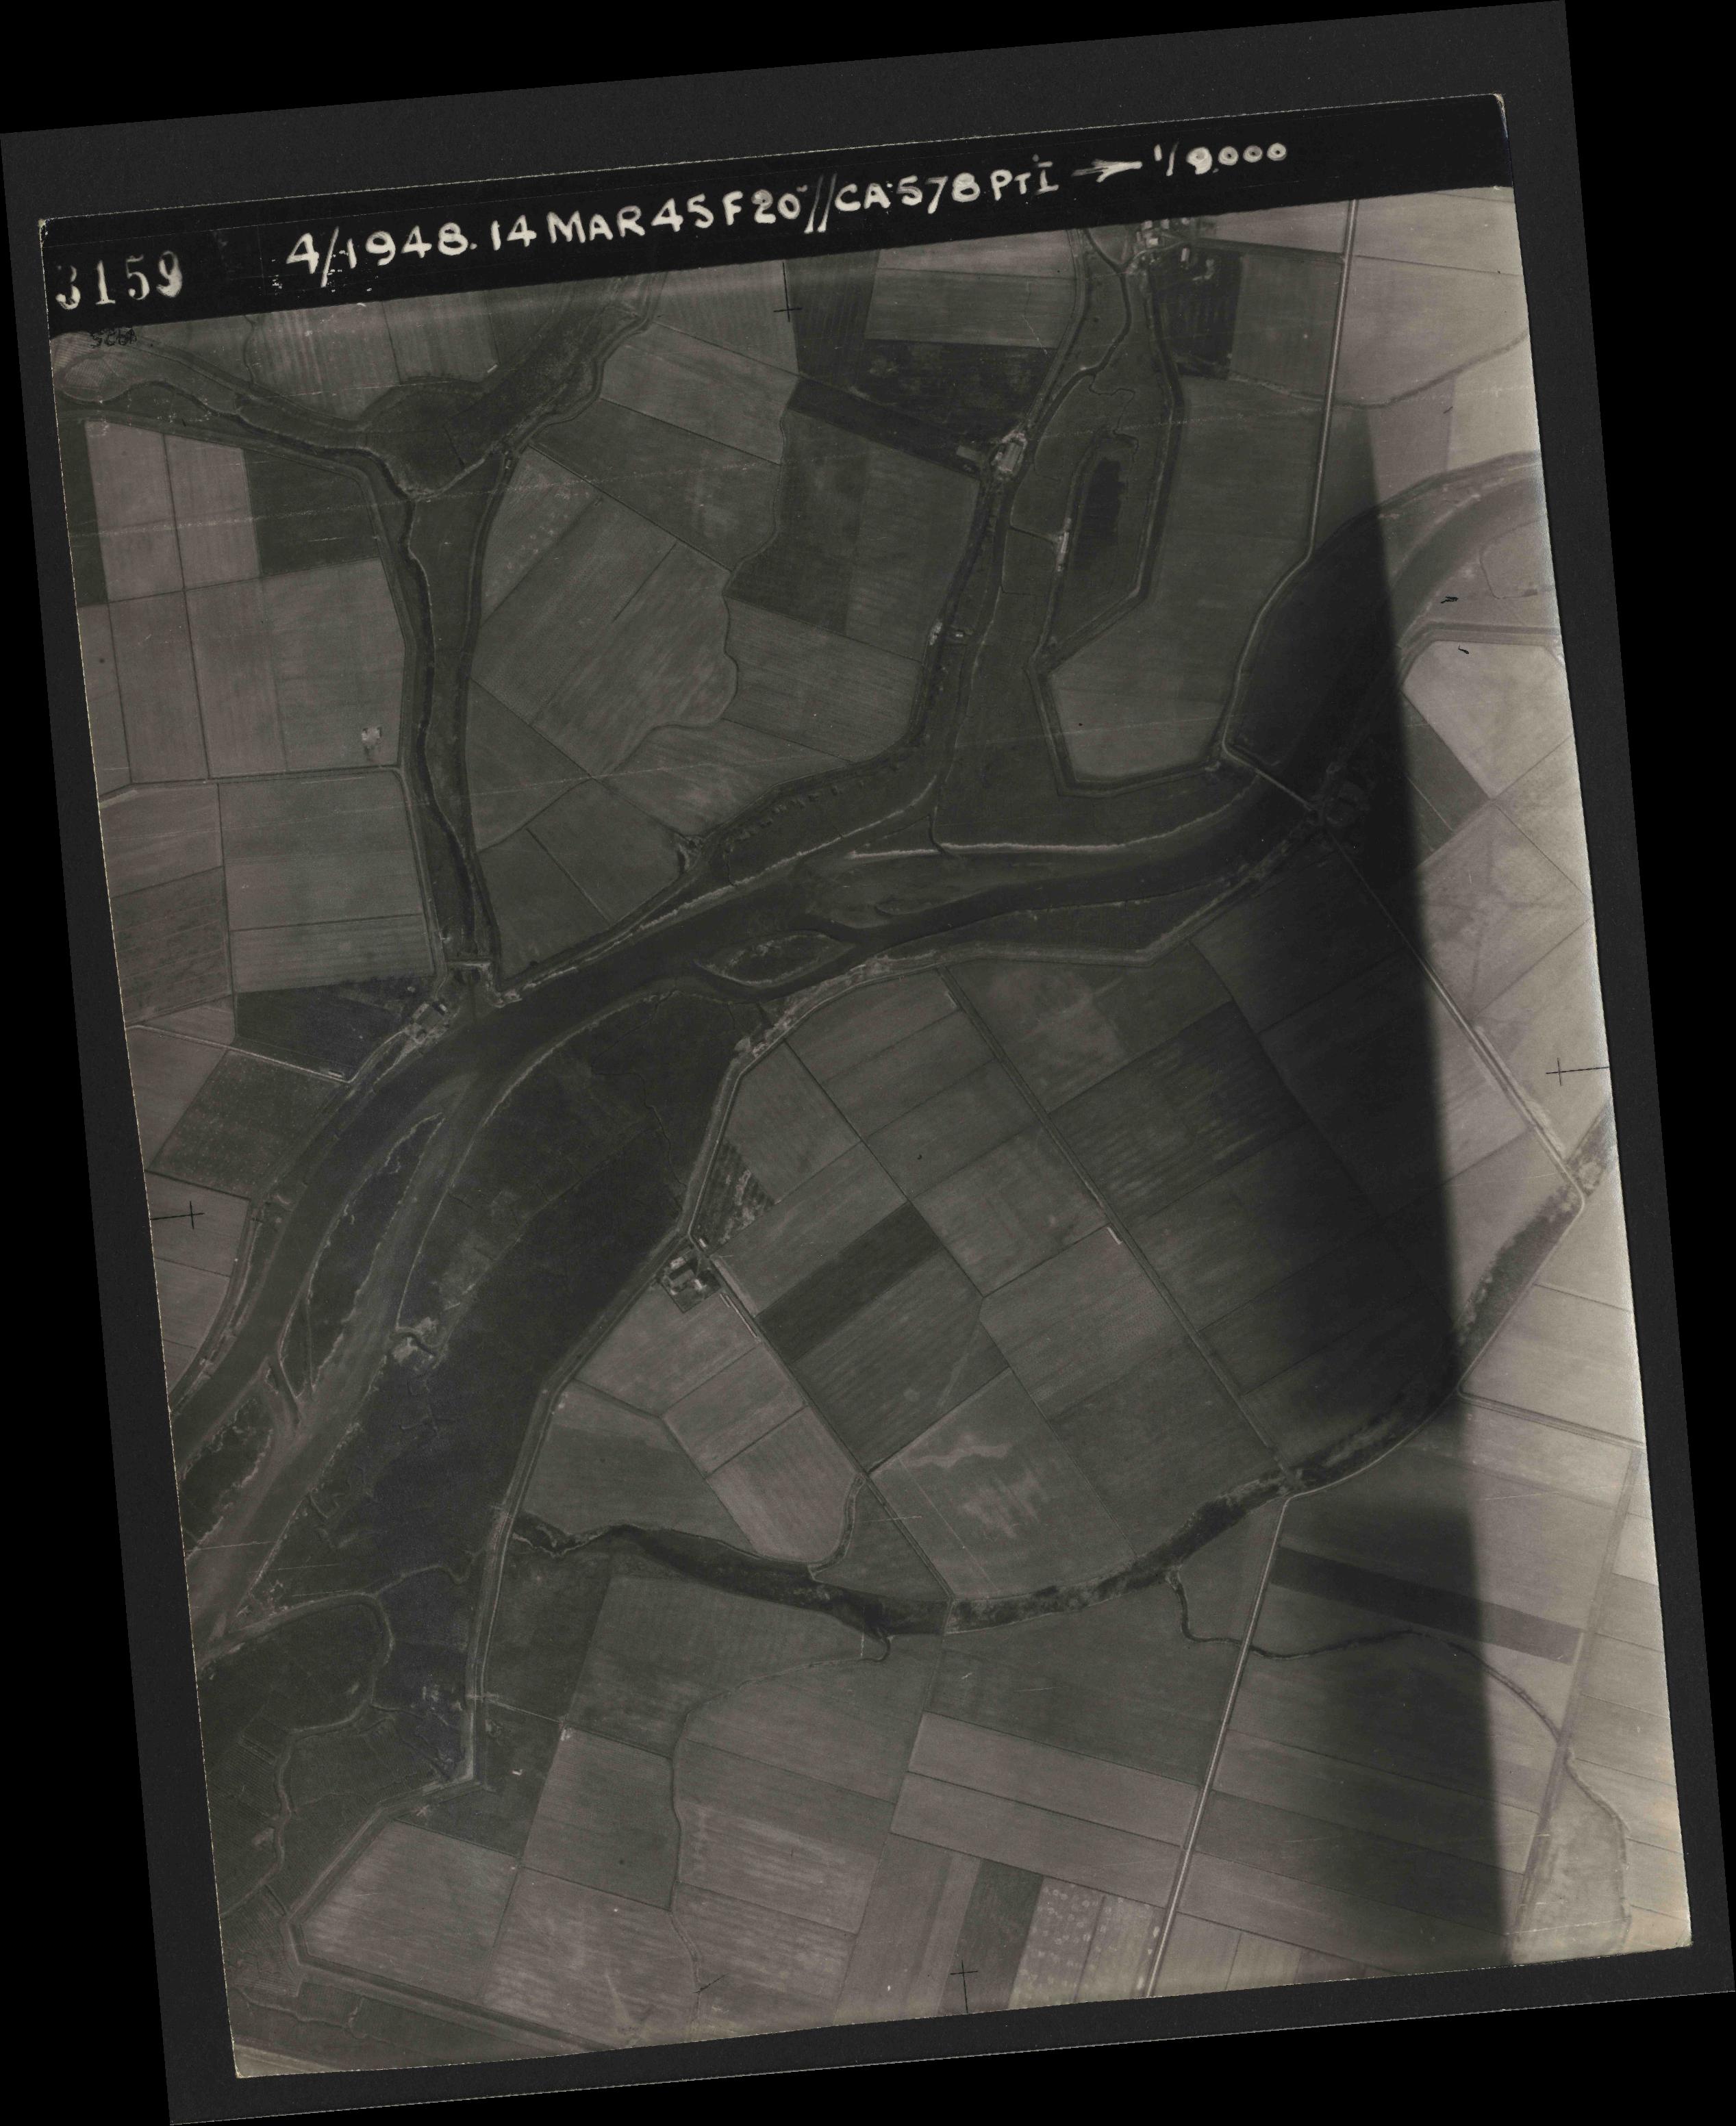 Collection RAF aerial photos 1940-1945 - flight 095, run 01, photo 3159